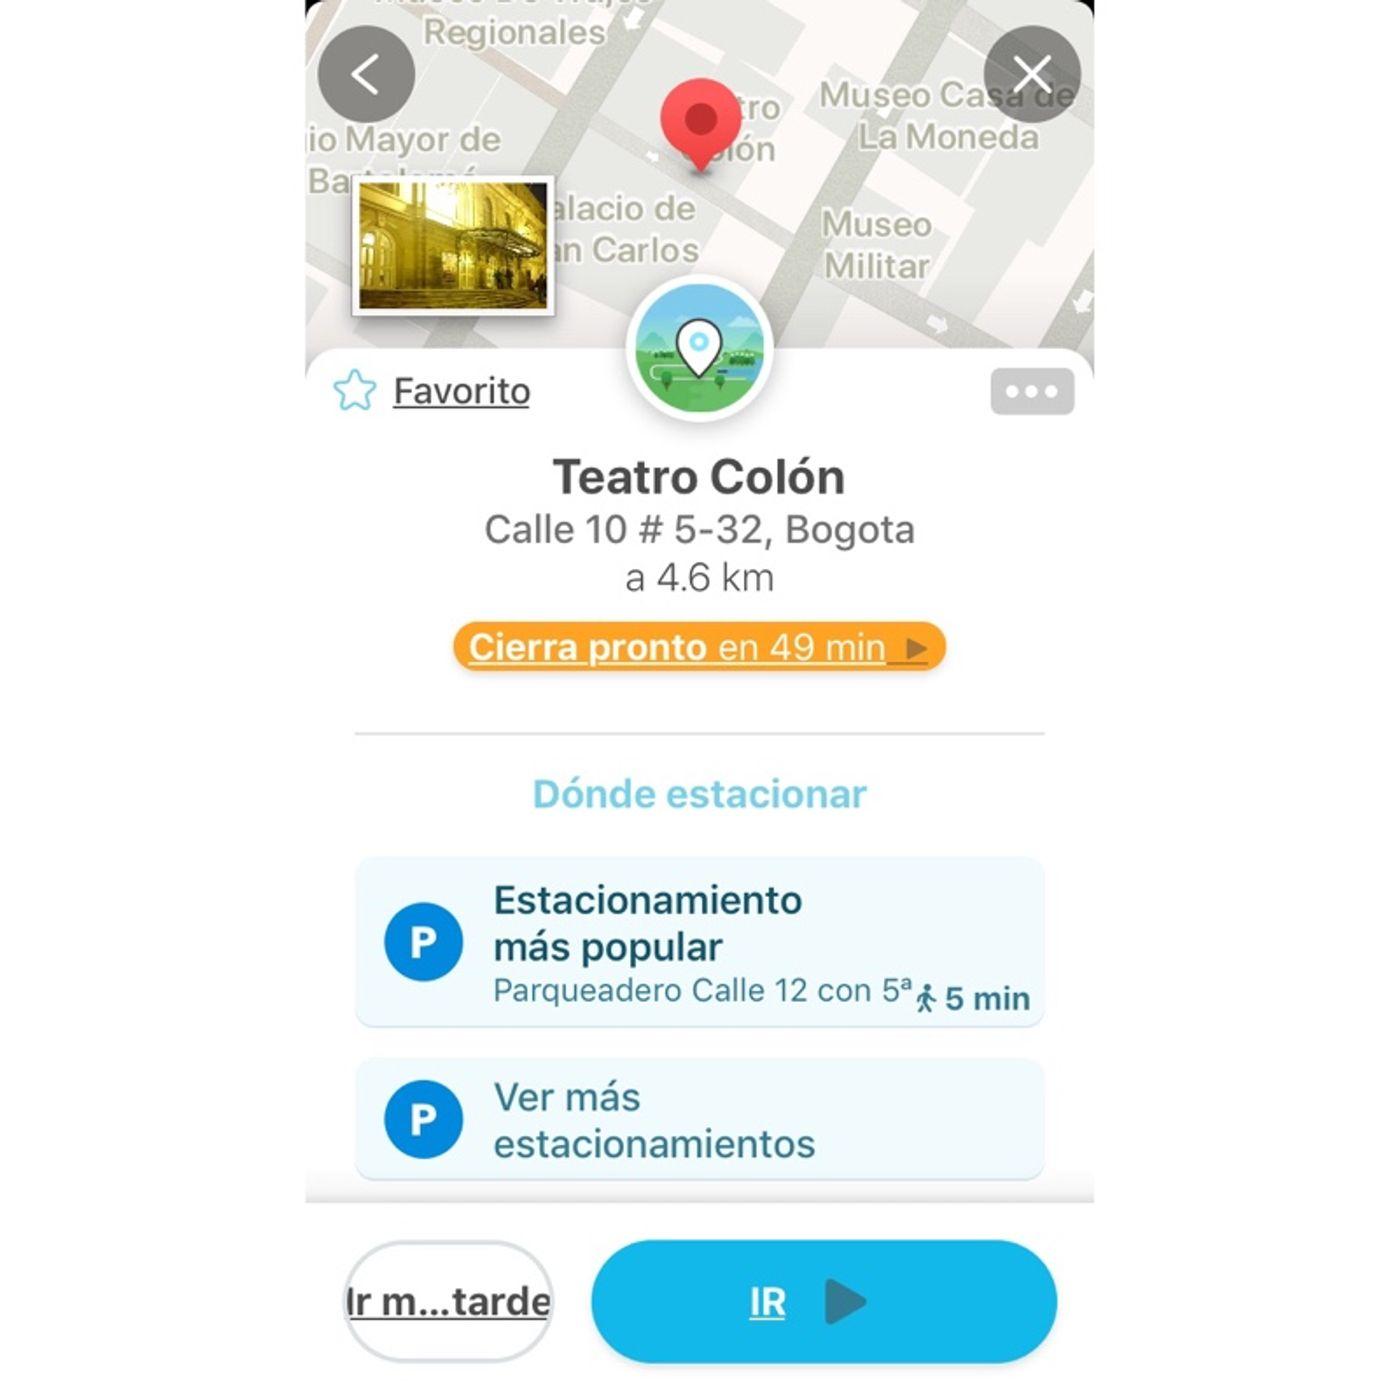 Estacionamiento vía Google Maps y Waze